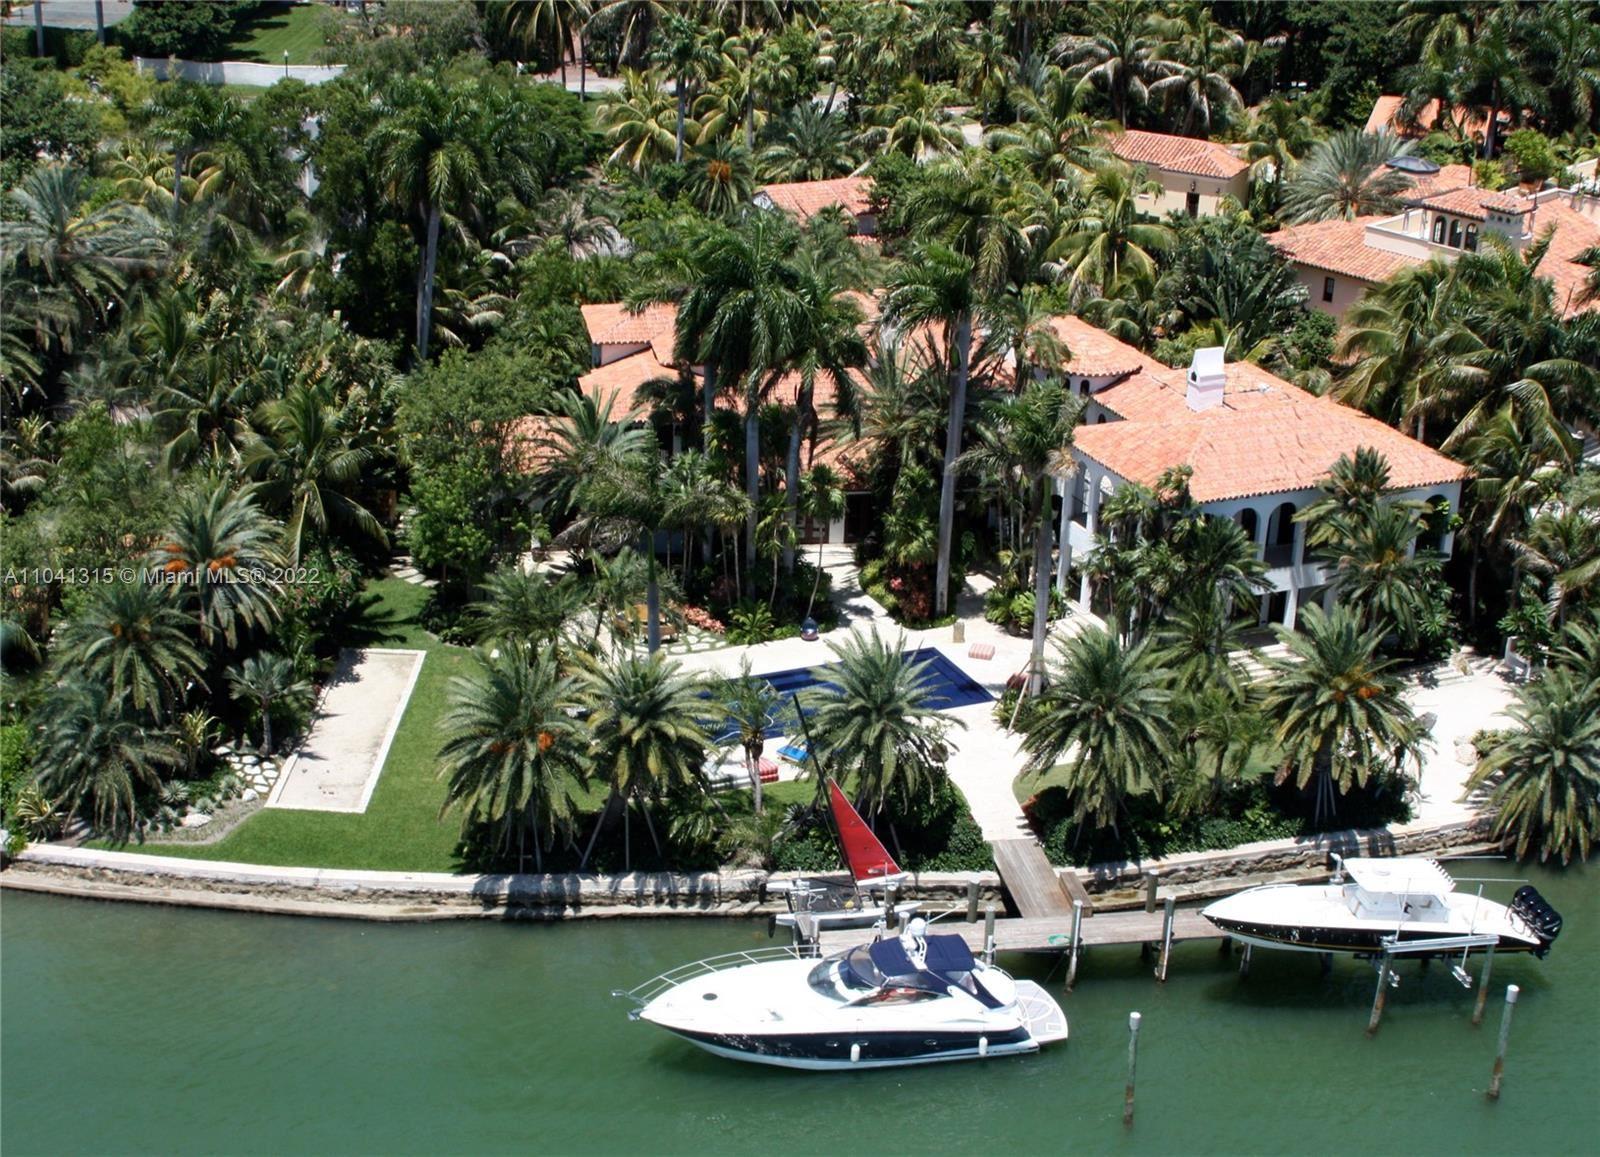 16 Palm Ave, Miami Beach, FL 33139 - #: A11041315